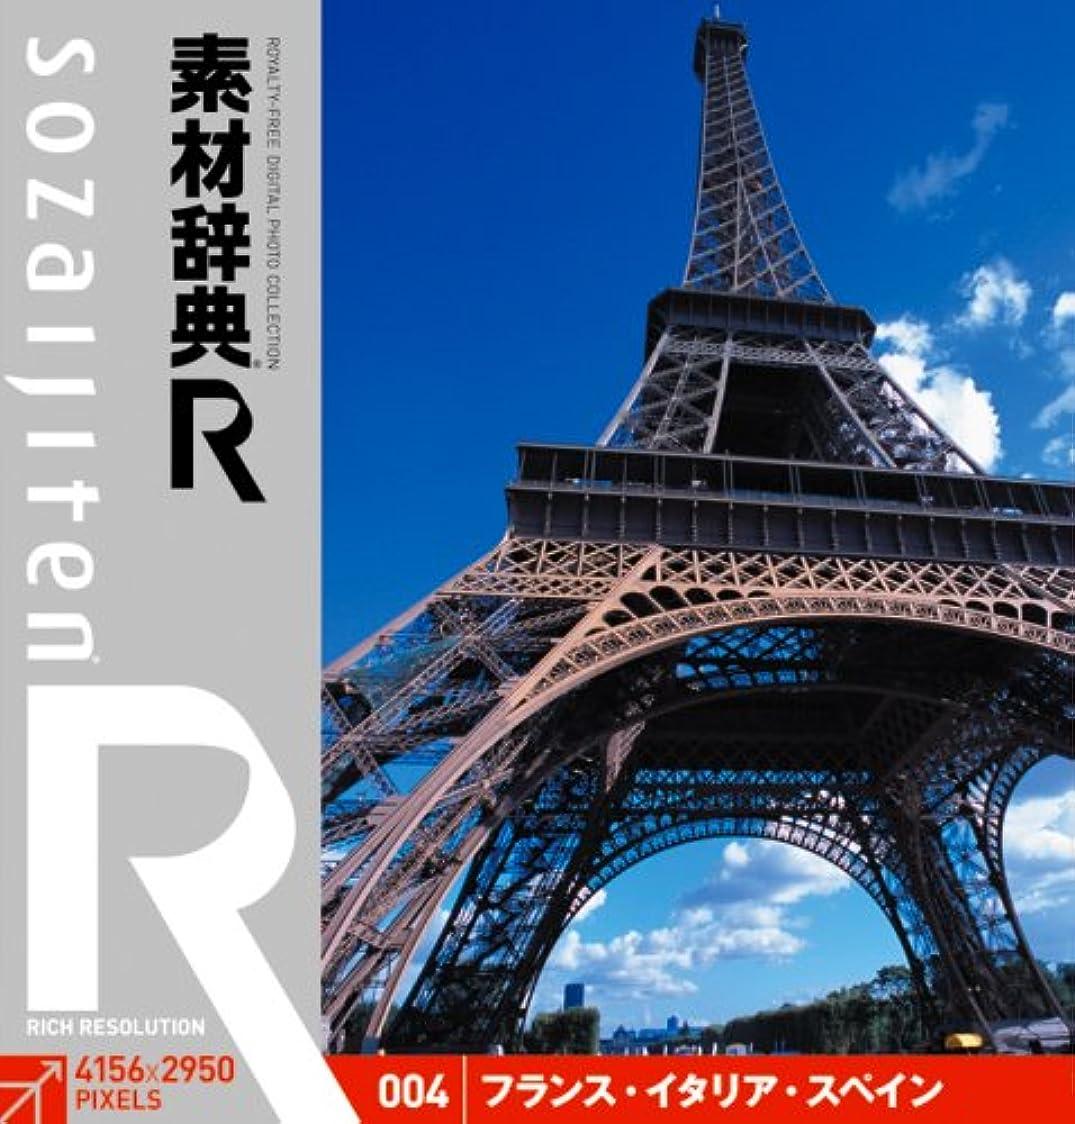 顎特別な転用素材辞典[R(アール)] 004 フランス?イタリア?スペイン